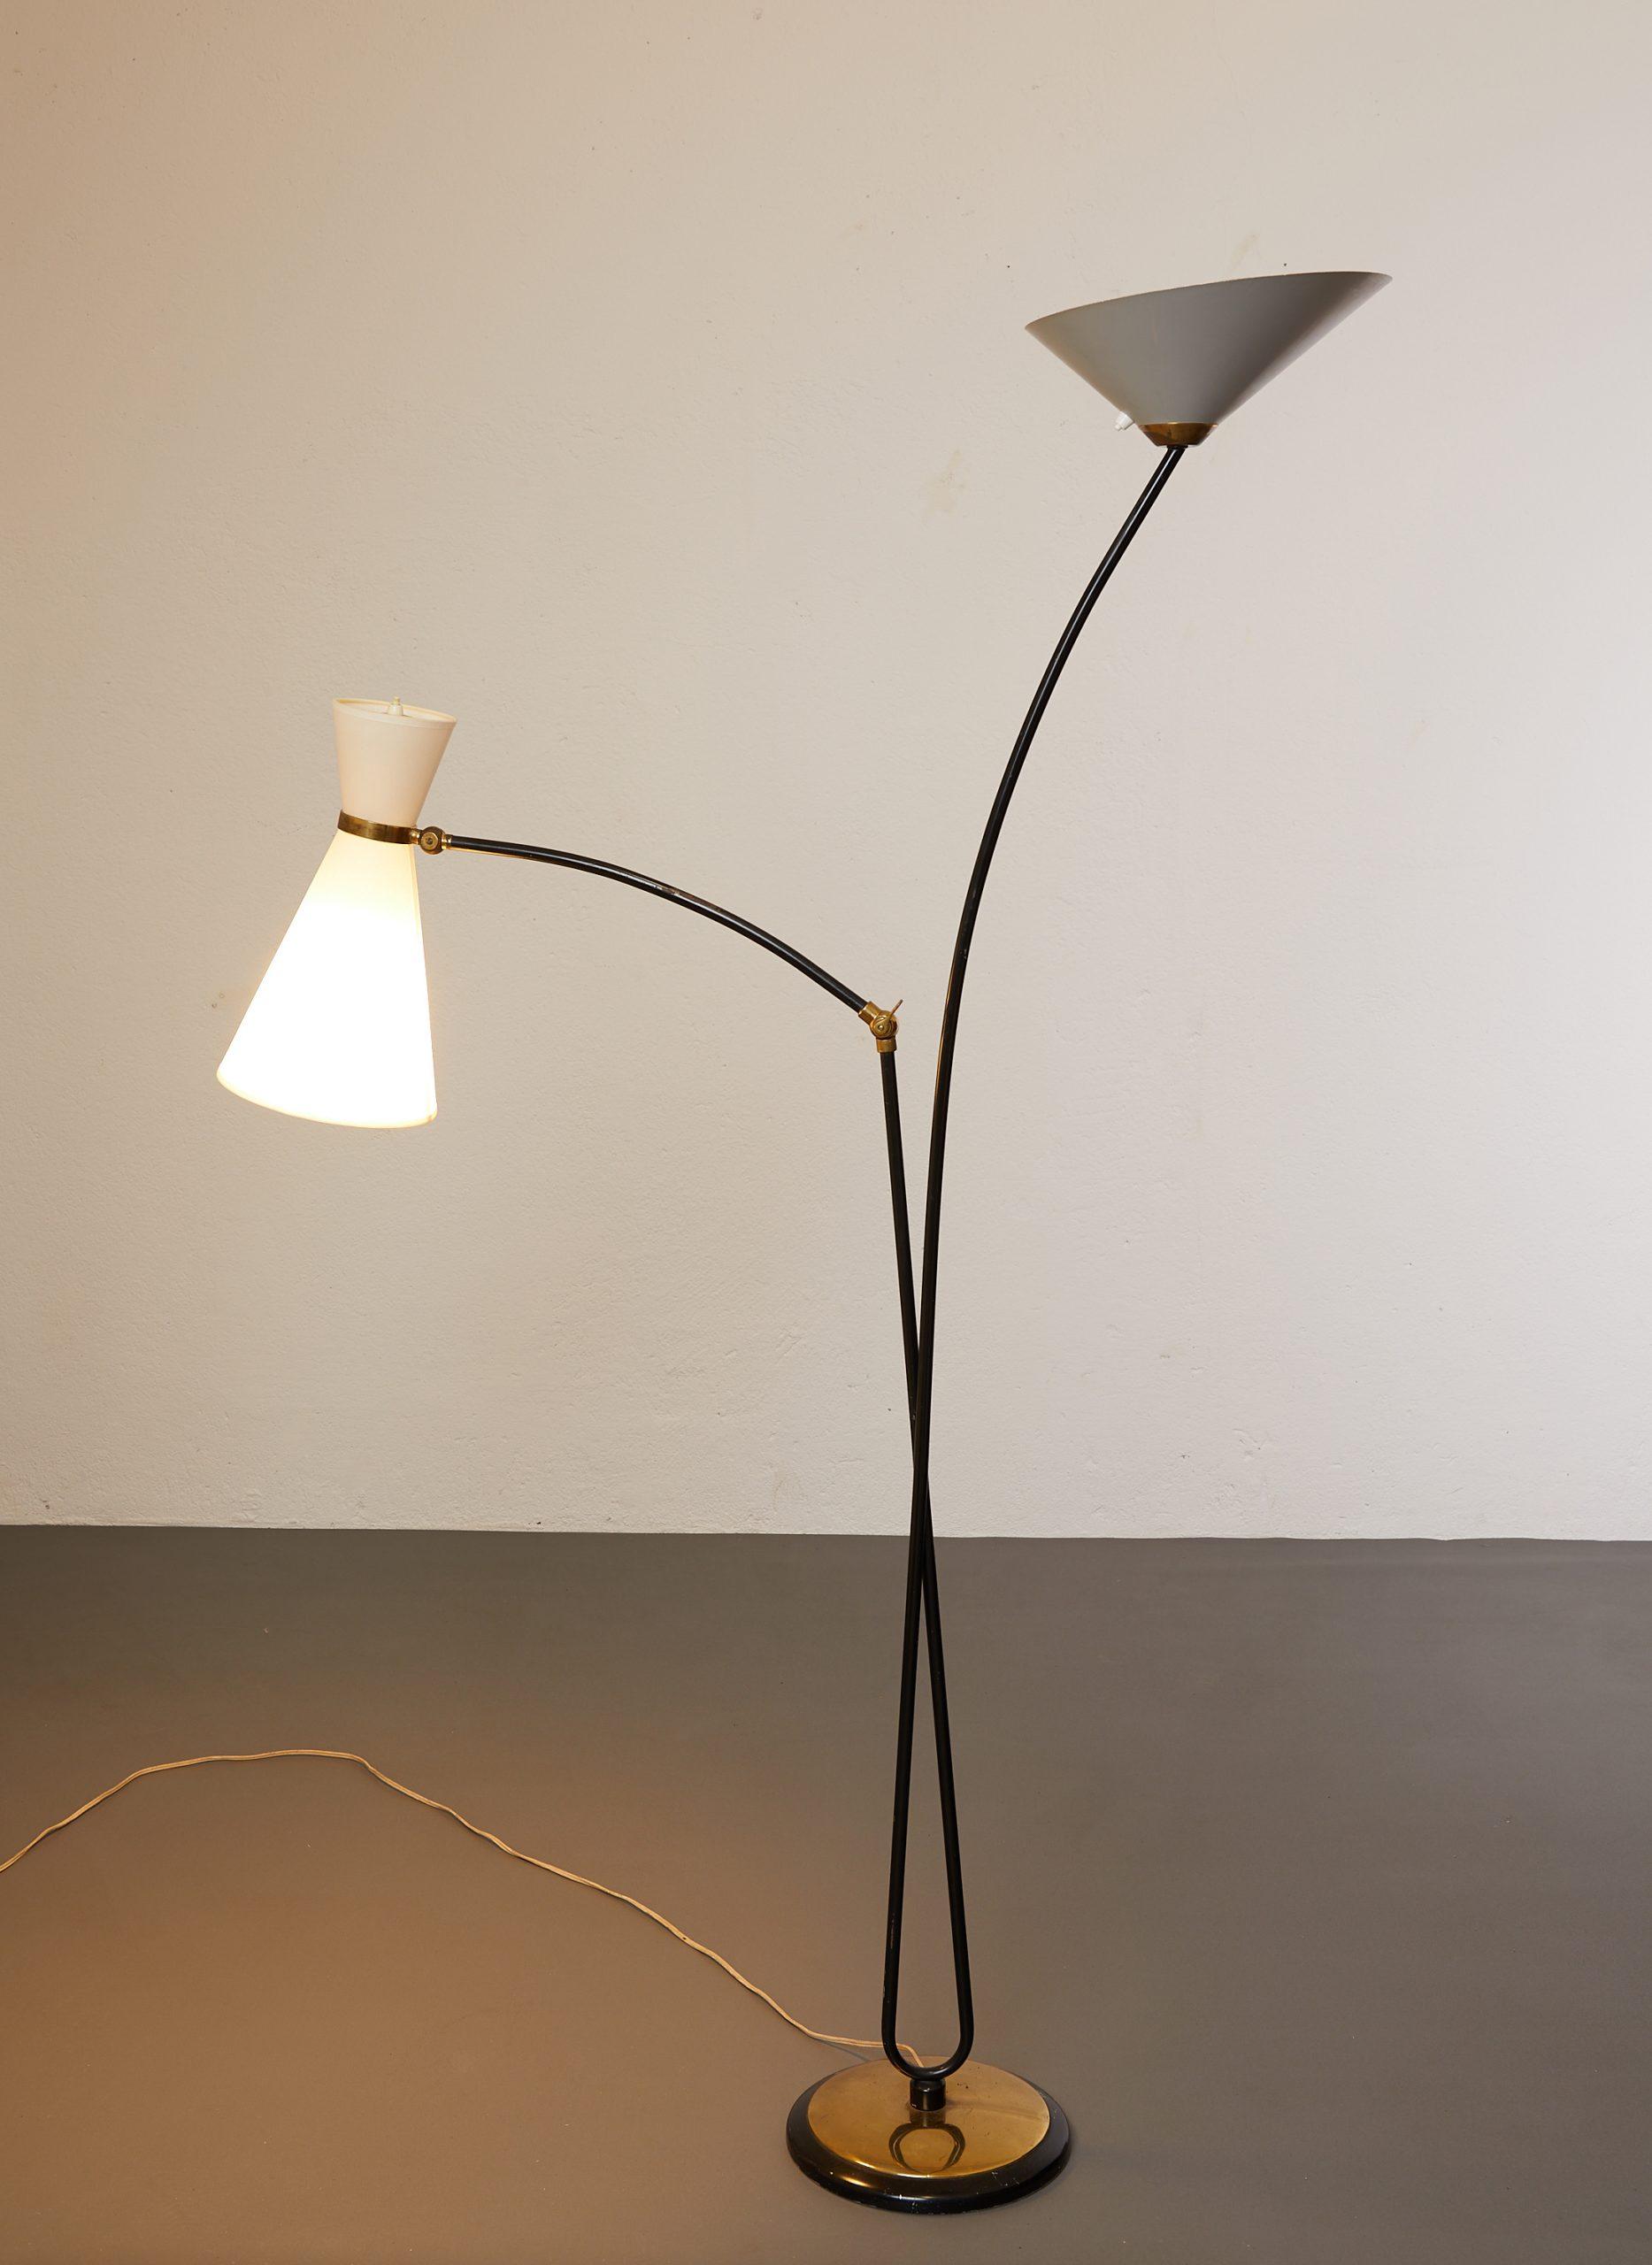 lampe-de-sol-a-deux-bras-suisse-1950-ca-image-02